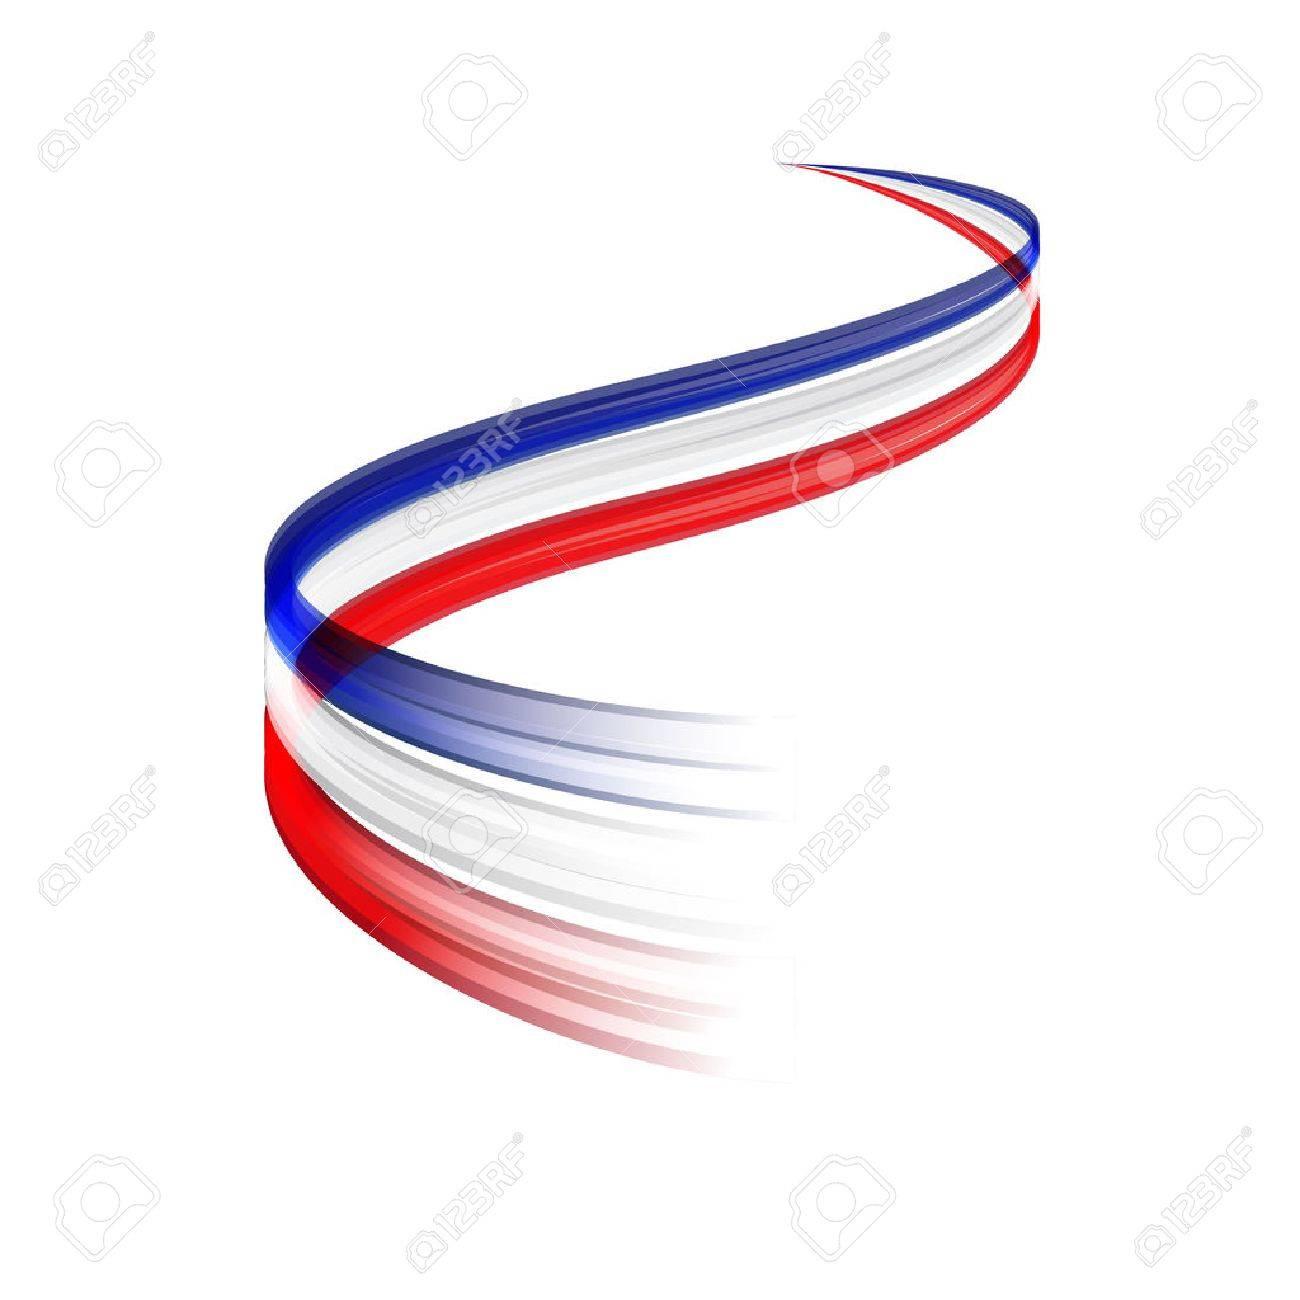 Zusammenfassung Vektor Wach Bewegend Dynamische Französisch Oder